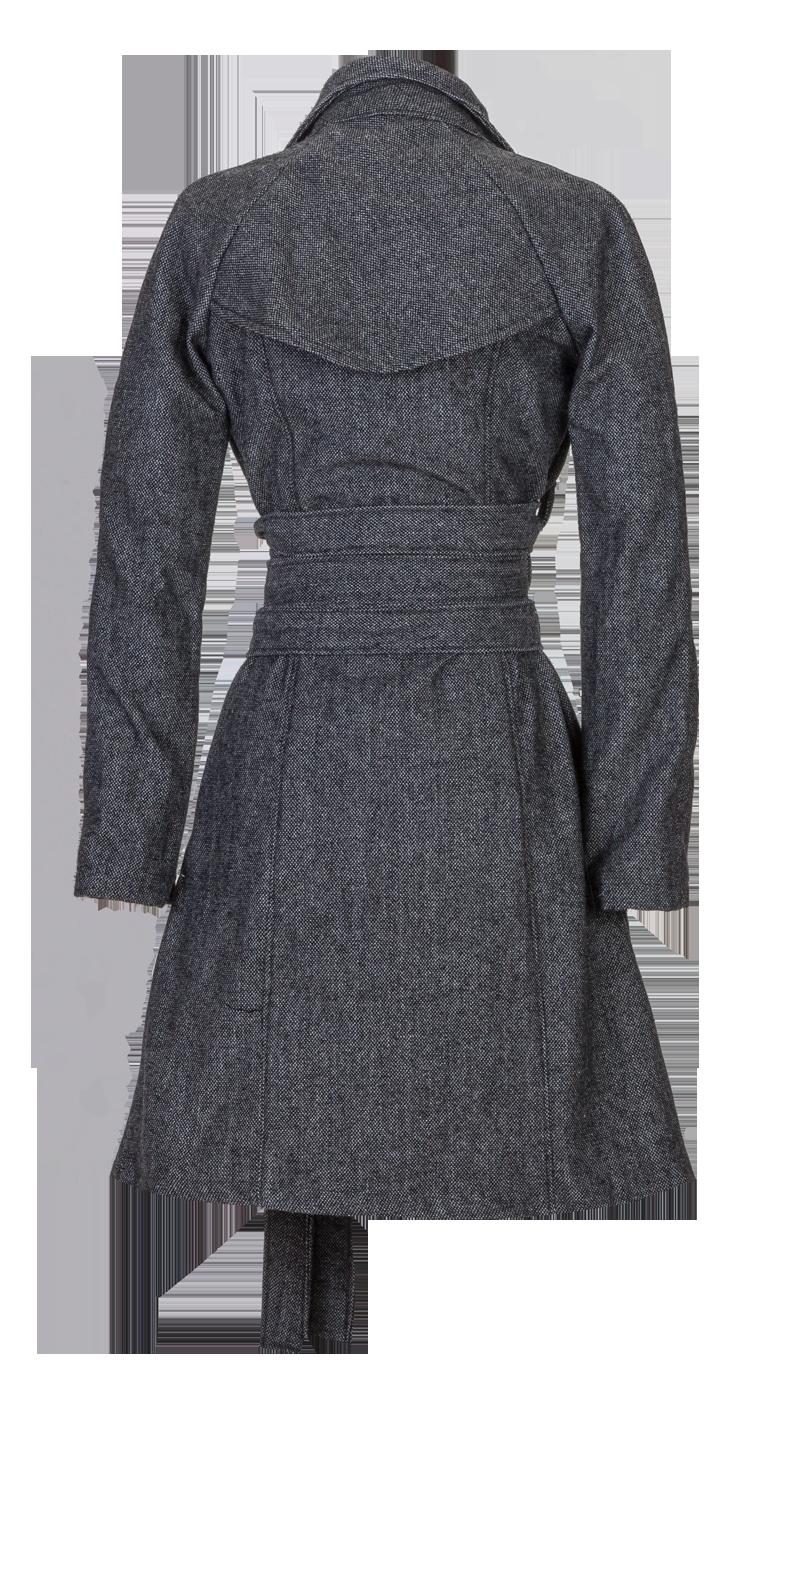 Black Herringbone Wool Long Belted Jacket